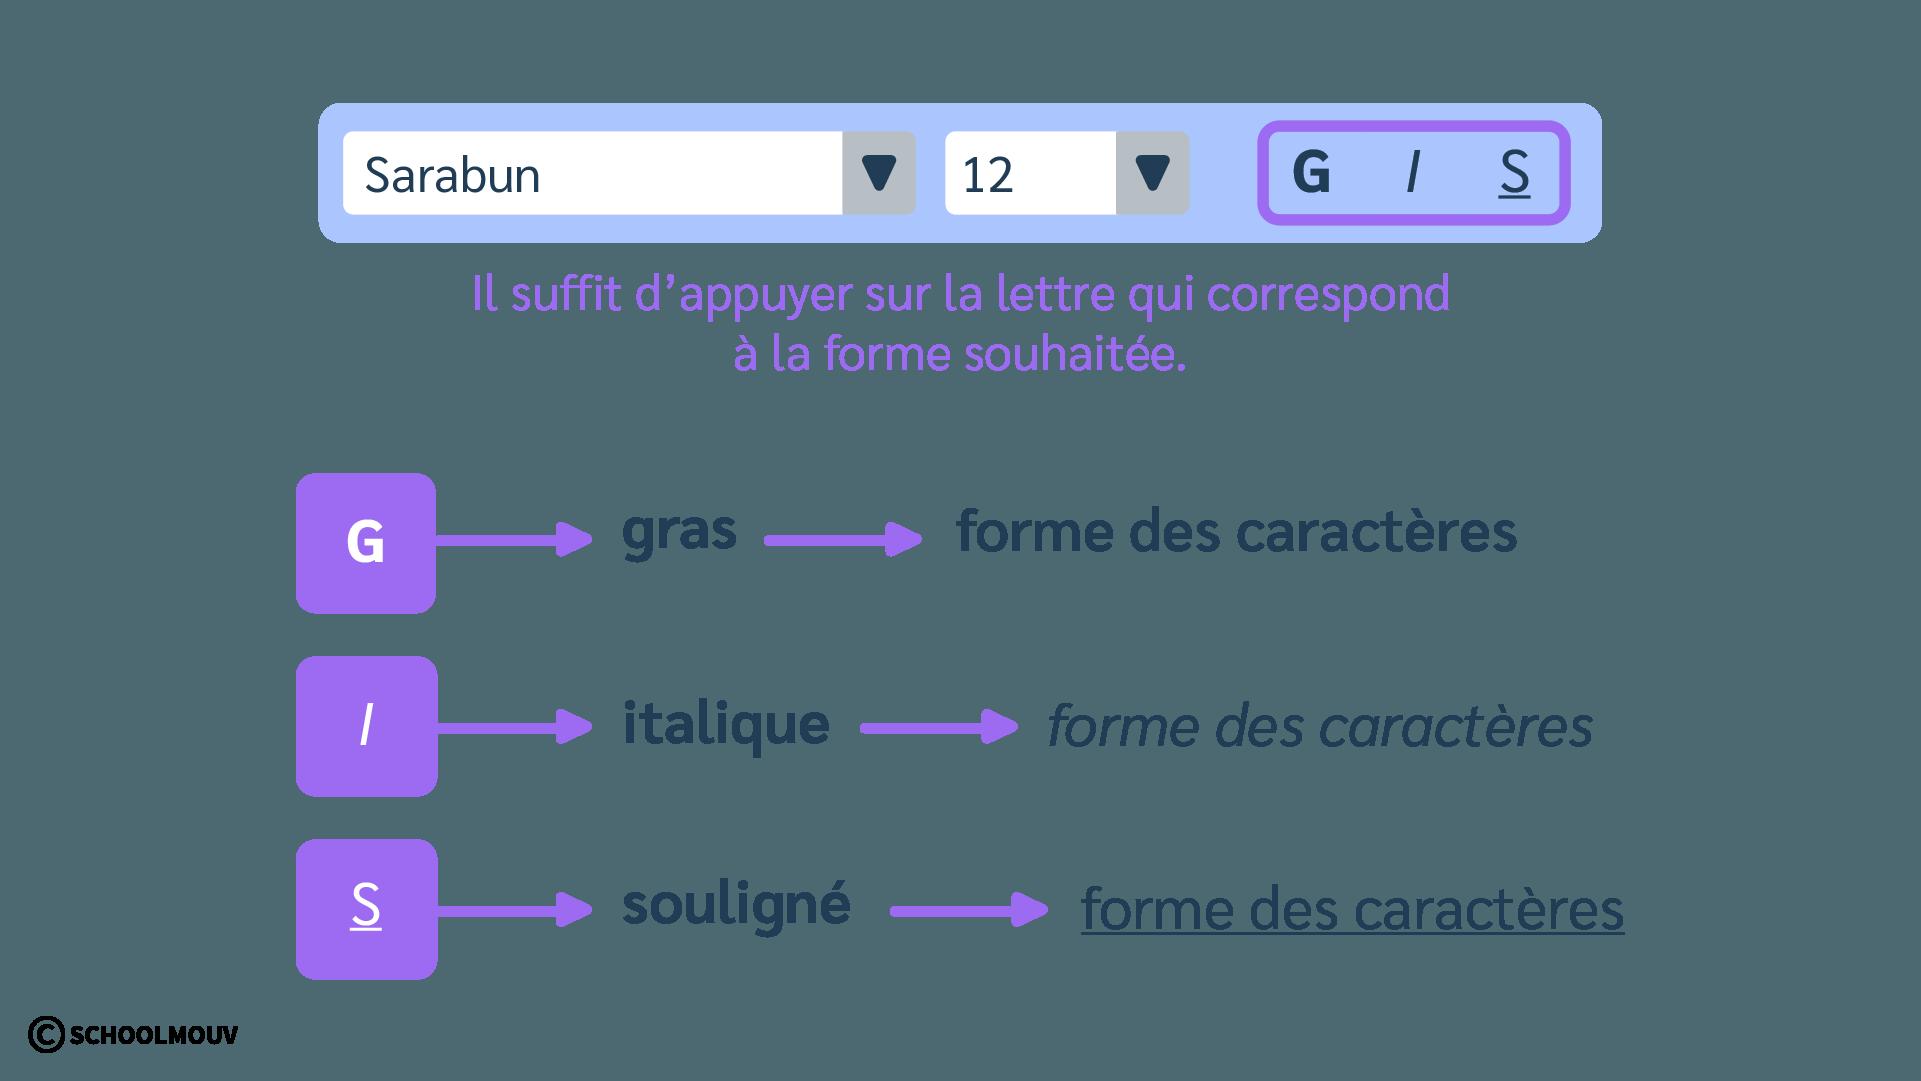 Logiciel de traitement de texte - Forme des caractères - Barre de menu - SchoolMouv - Sciences - CE1